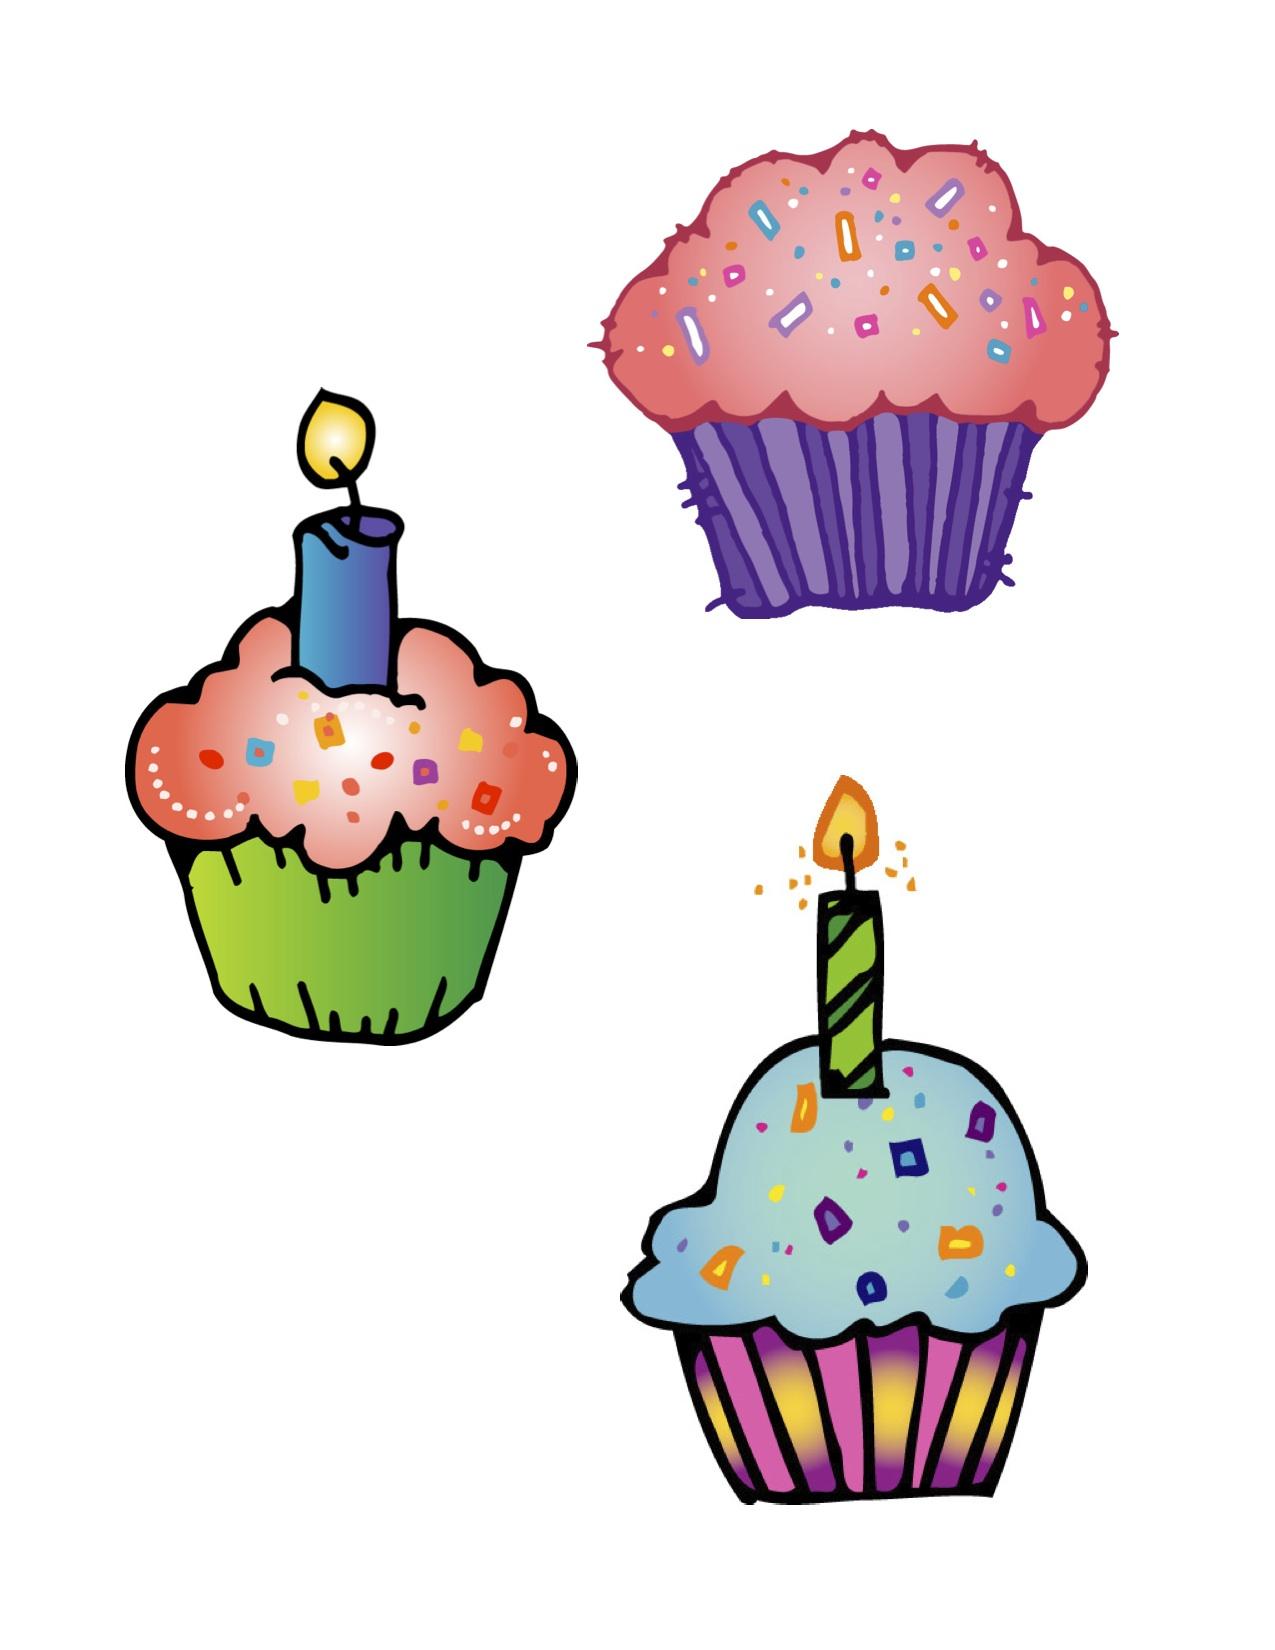 Cupcake Clipart Cute Cute Birthday Cupcake Clip Art